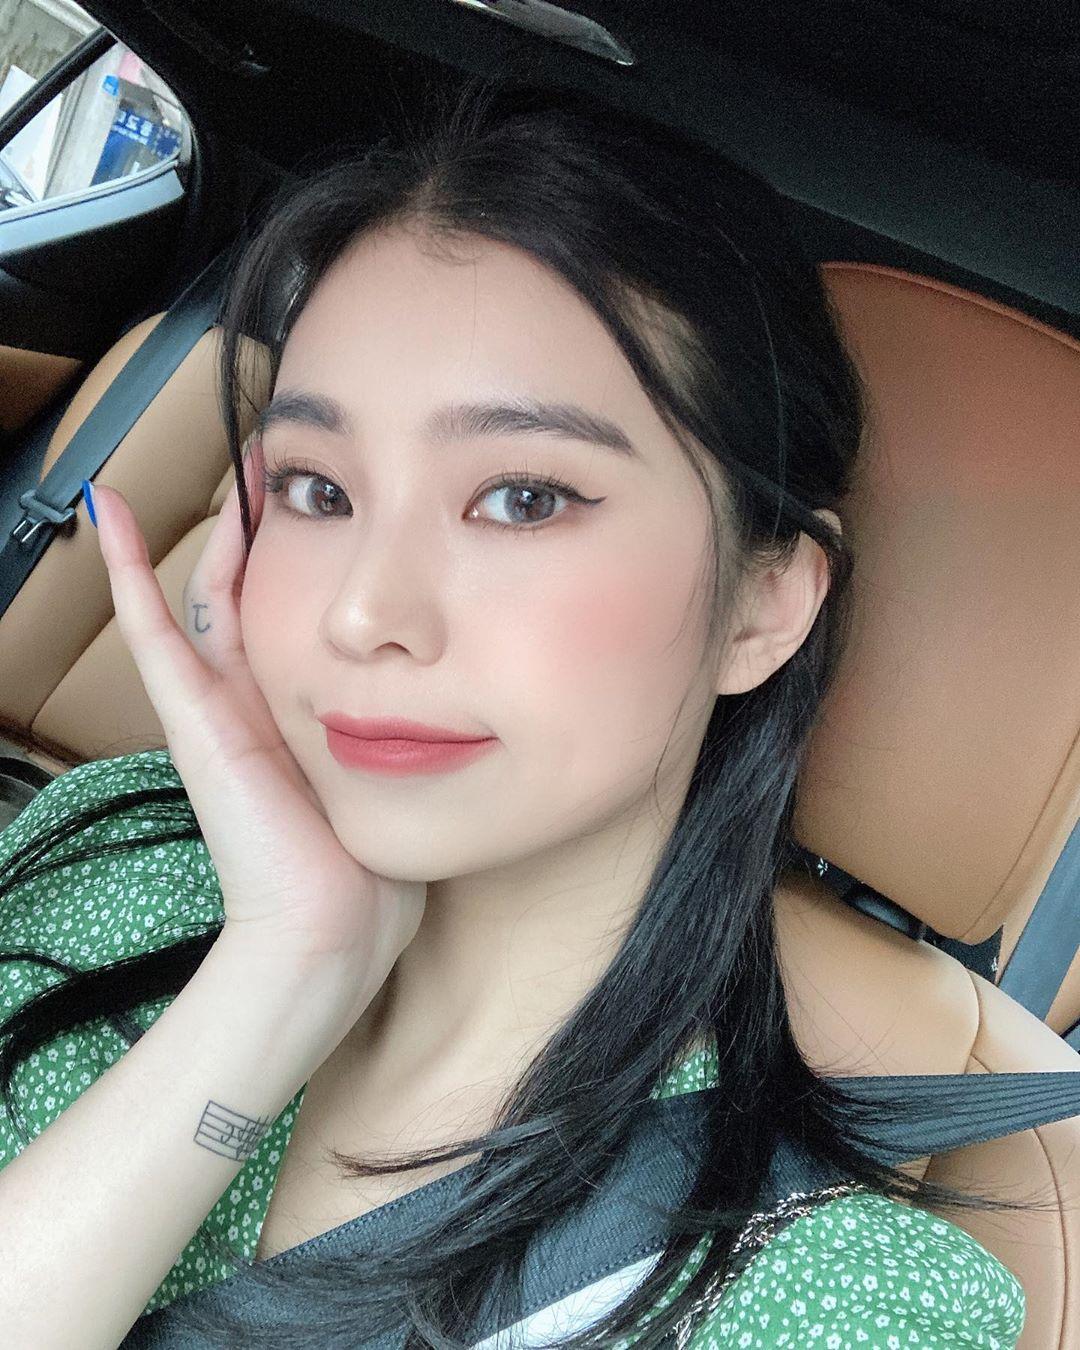 完全就是女友理想型!性感内衣模特「Mizuki」灿烂笑容亲和力十足 曼妙身材玲珑浮凸